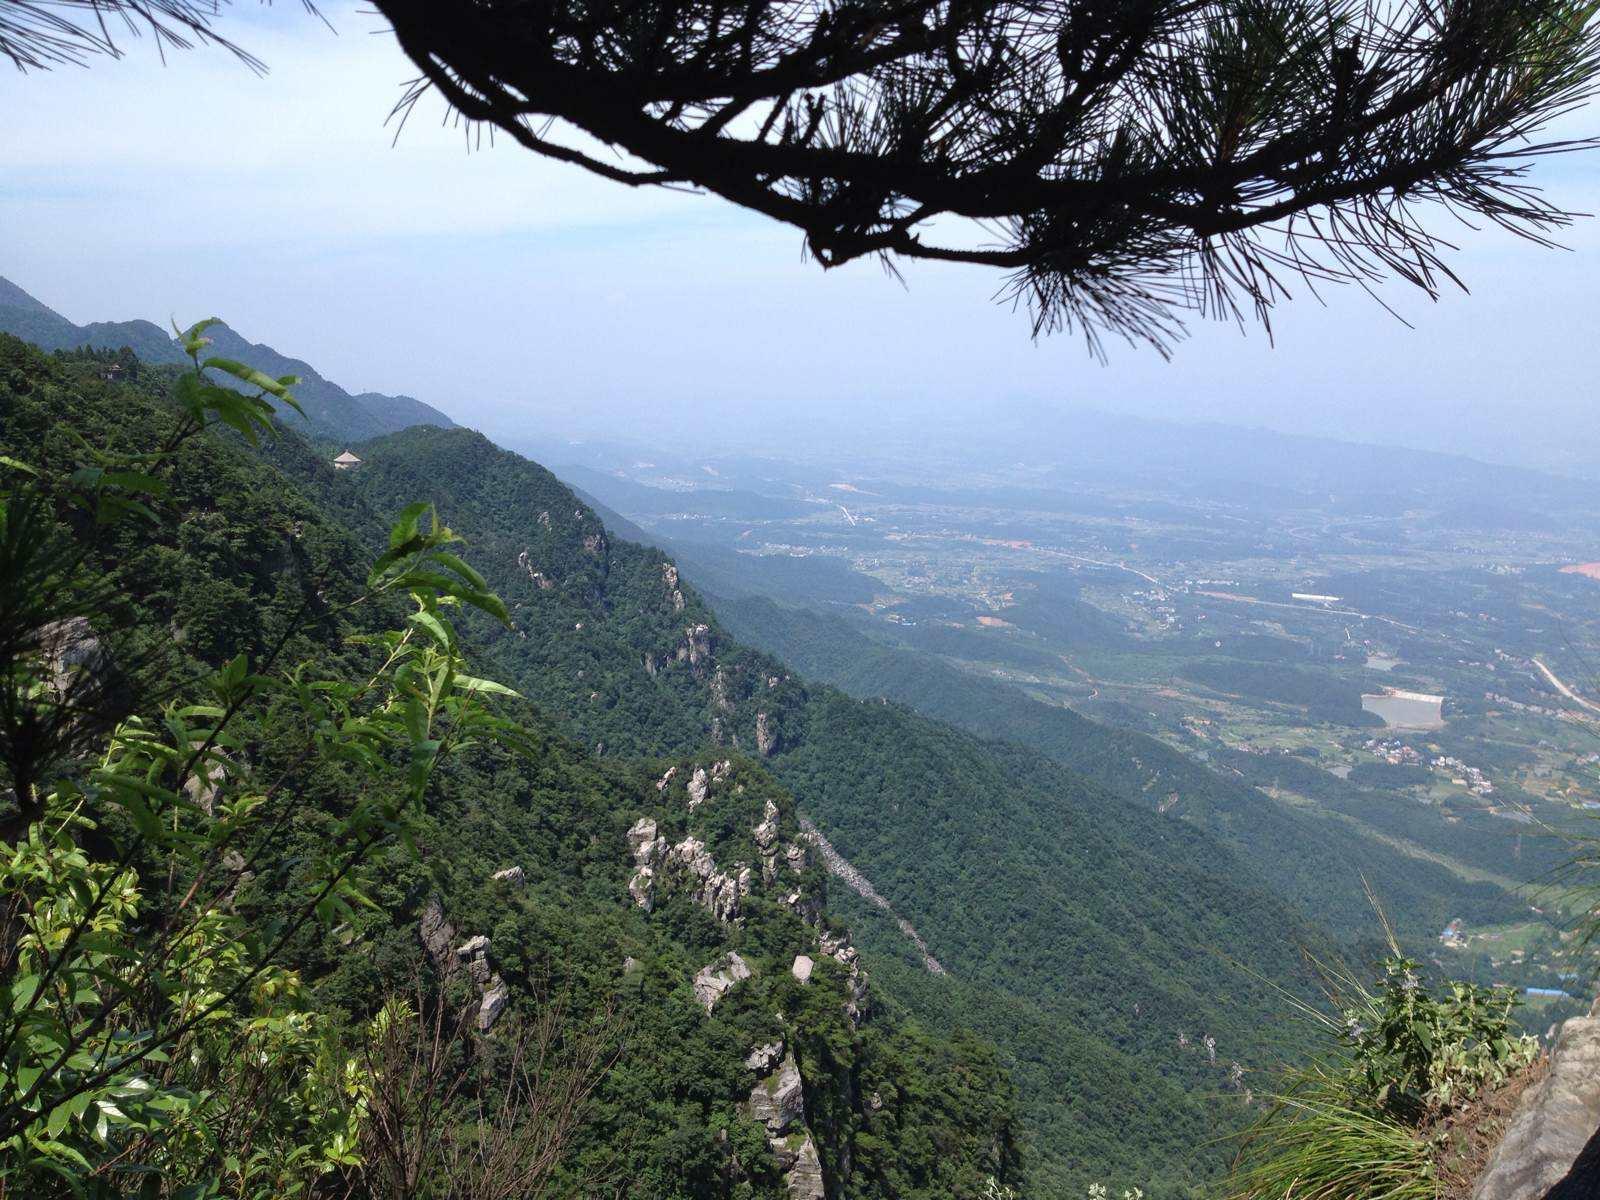 江西庐山全方位旅游攻略——让你重新认识庐山